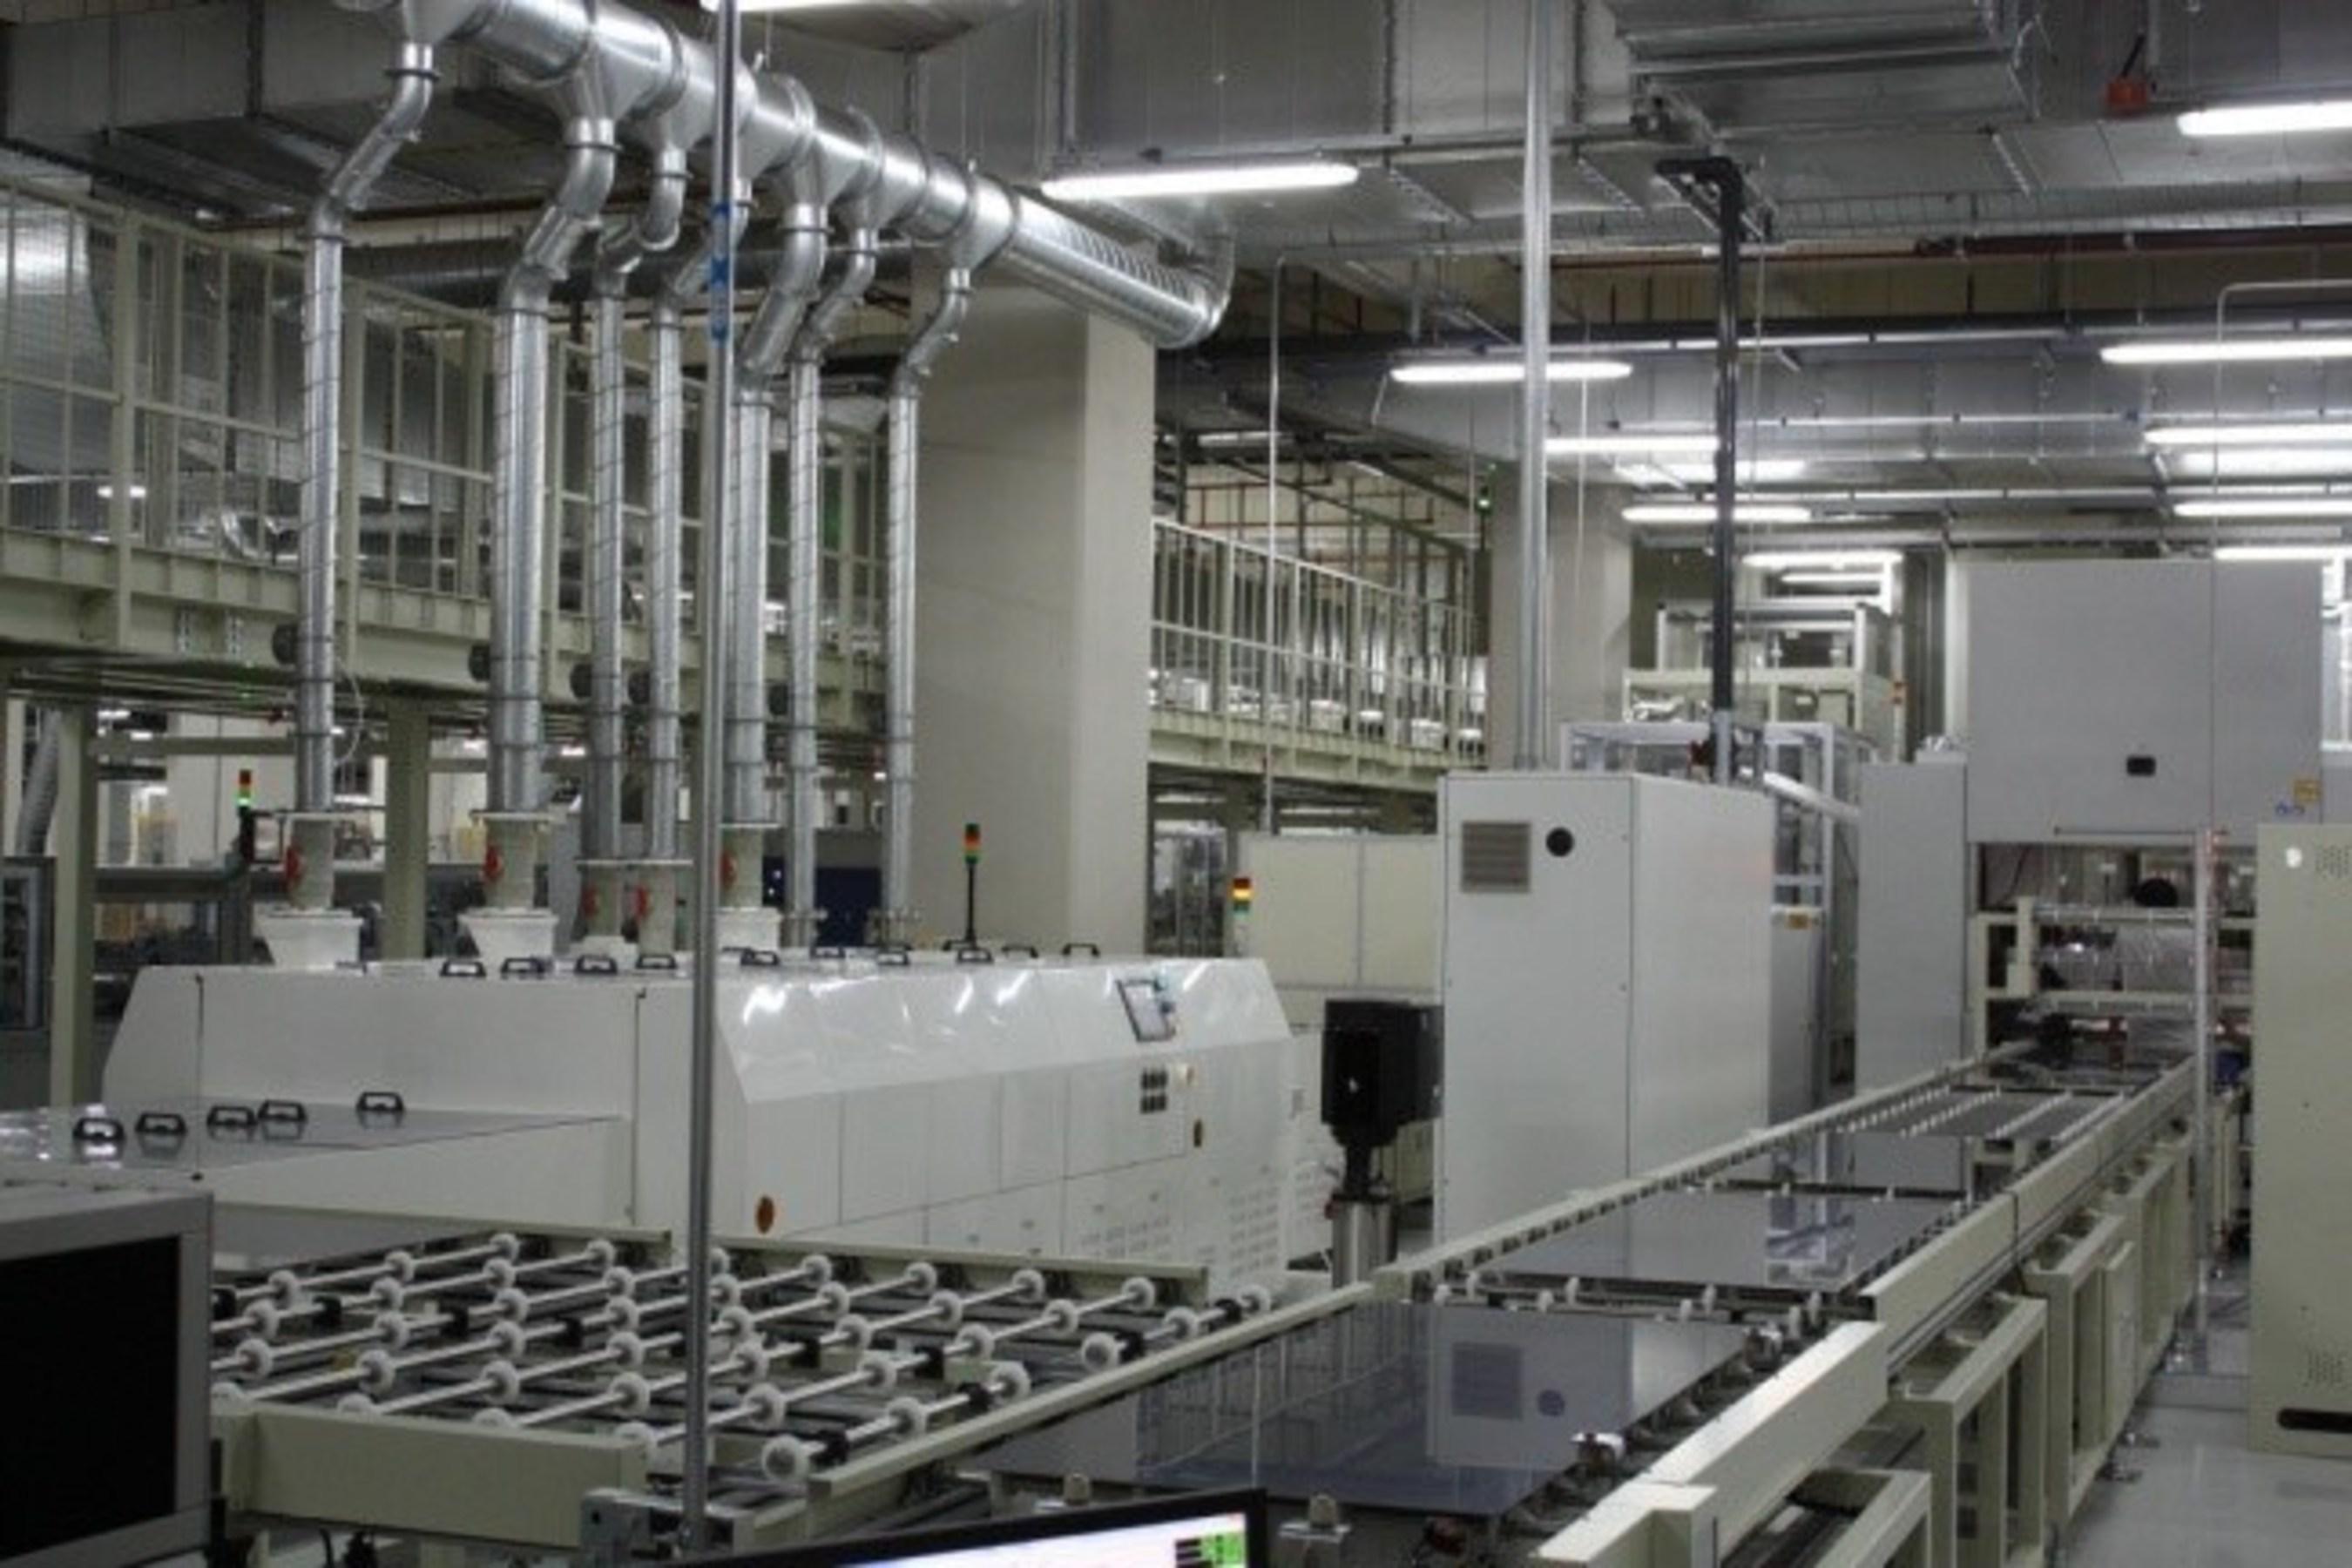 Les modules commerciaux (1,09 m2) de TSMC Solar atteignent une efficacité record de 16,5 % pour des